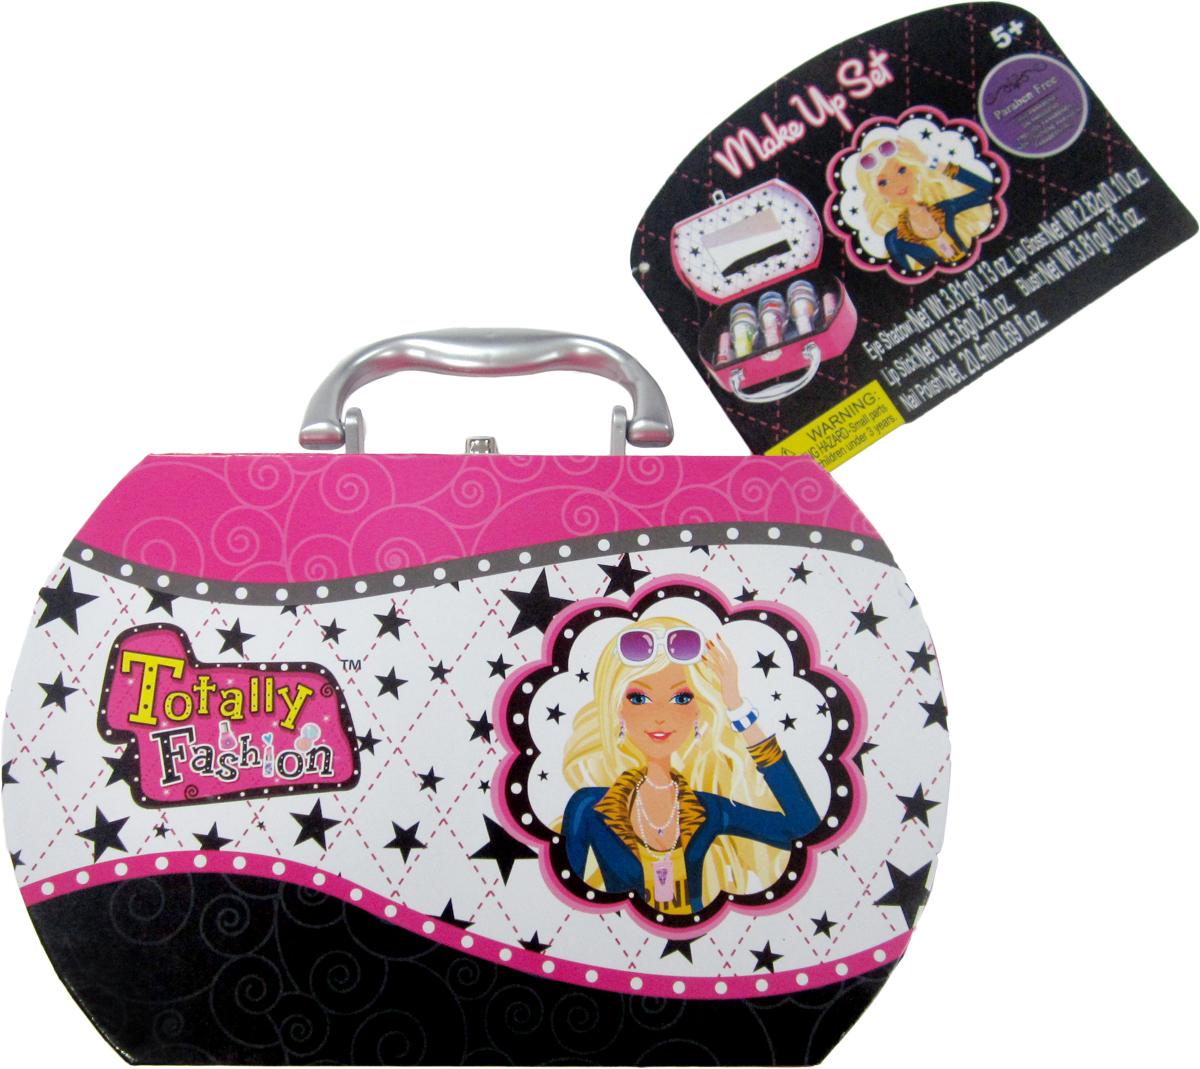 Totally Fashion Набор детской декоративной косметики Шкатулка29102380021В наборе: помада для губ- 2 тона, тени для век- 3 тона,блеск для губ- 3 т она, лак для ногтей- три тона, Имеется ПАСПОРТ БЕЗОПАСНОСТИ МАТЕРИАЛА/ Макияж можно снять, с помощью ватного диска, используя средство для снятия макияжа или просто тёплой водой. Для снятия лака не нужны специальные средства: лак постепенно смывается водой, при мытье рук в течение 2-х дней, или же его можно удалить с помощью детского масла.Детская косметика помогает девочкам почувствовать себя взрослыми. Она может стать частью практически любой девичьей игры: поход в магазин, дочки-матери, игра в стилиста, визажиста. С данным набором можно не только играть, но и использовать по особым случаям (День рождение, утренник, выступление). После того, как косметика закончится, в небольшой шкатулочке можно будет хранить резиночки, заколочки, бижутерию.